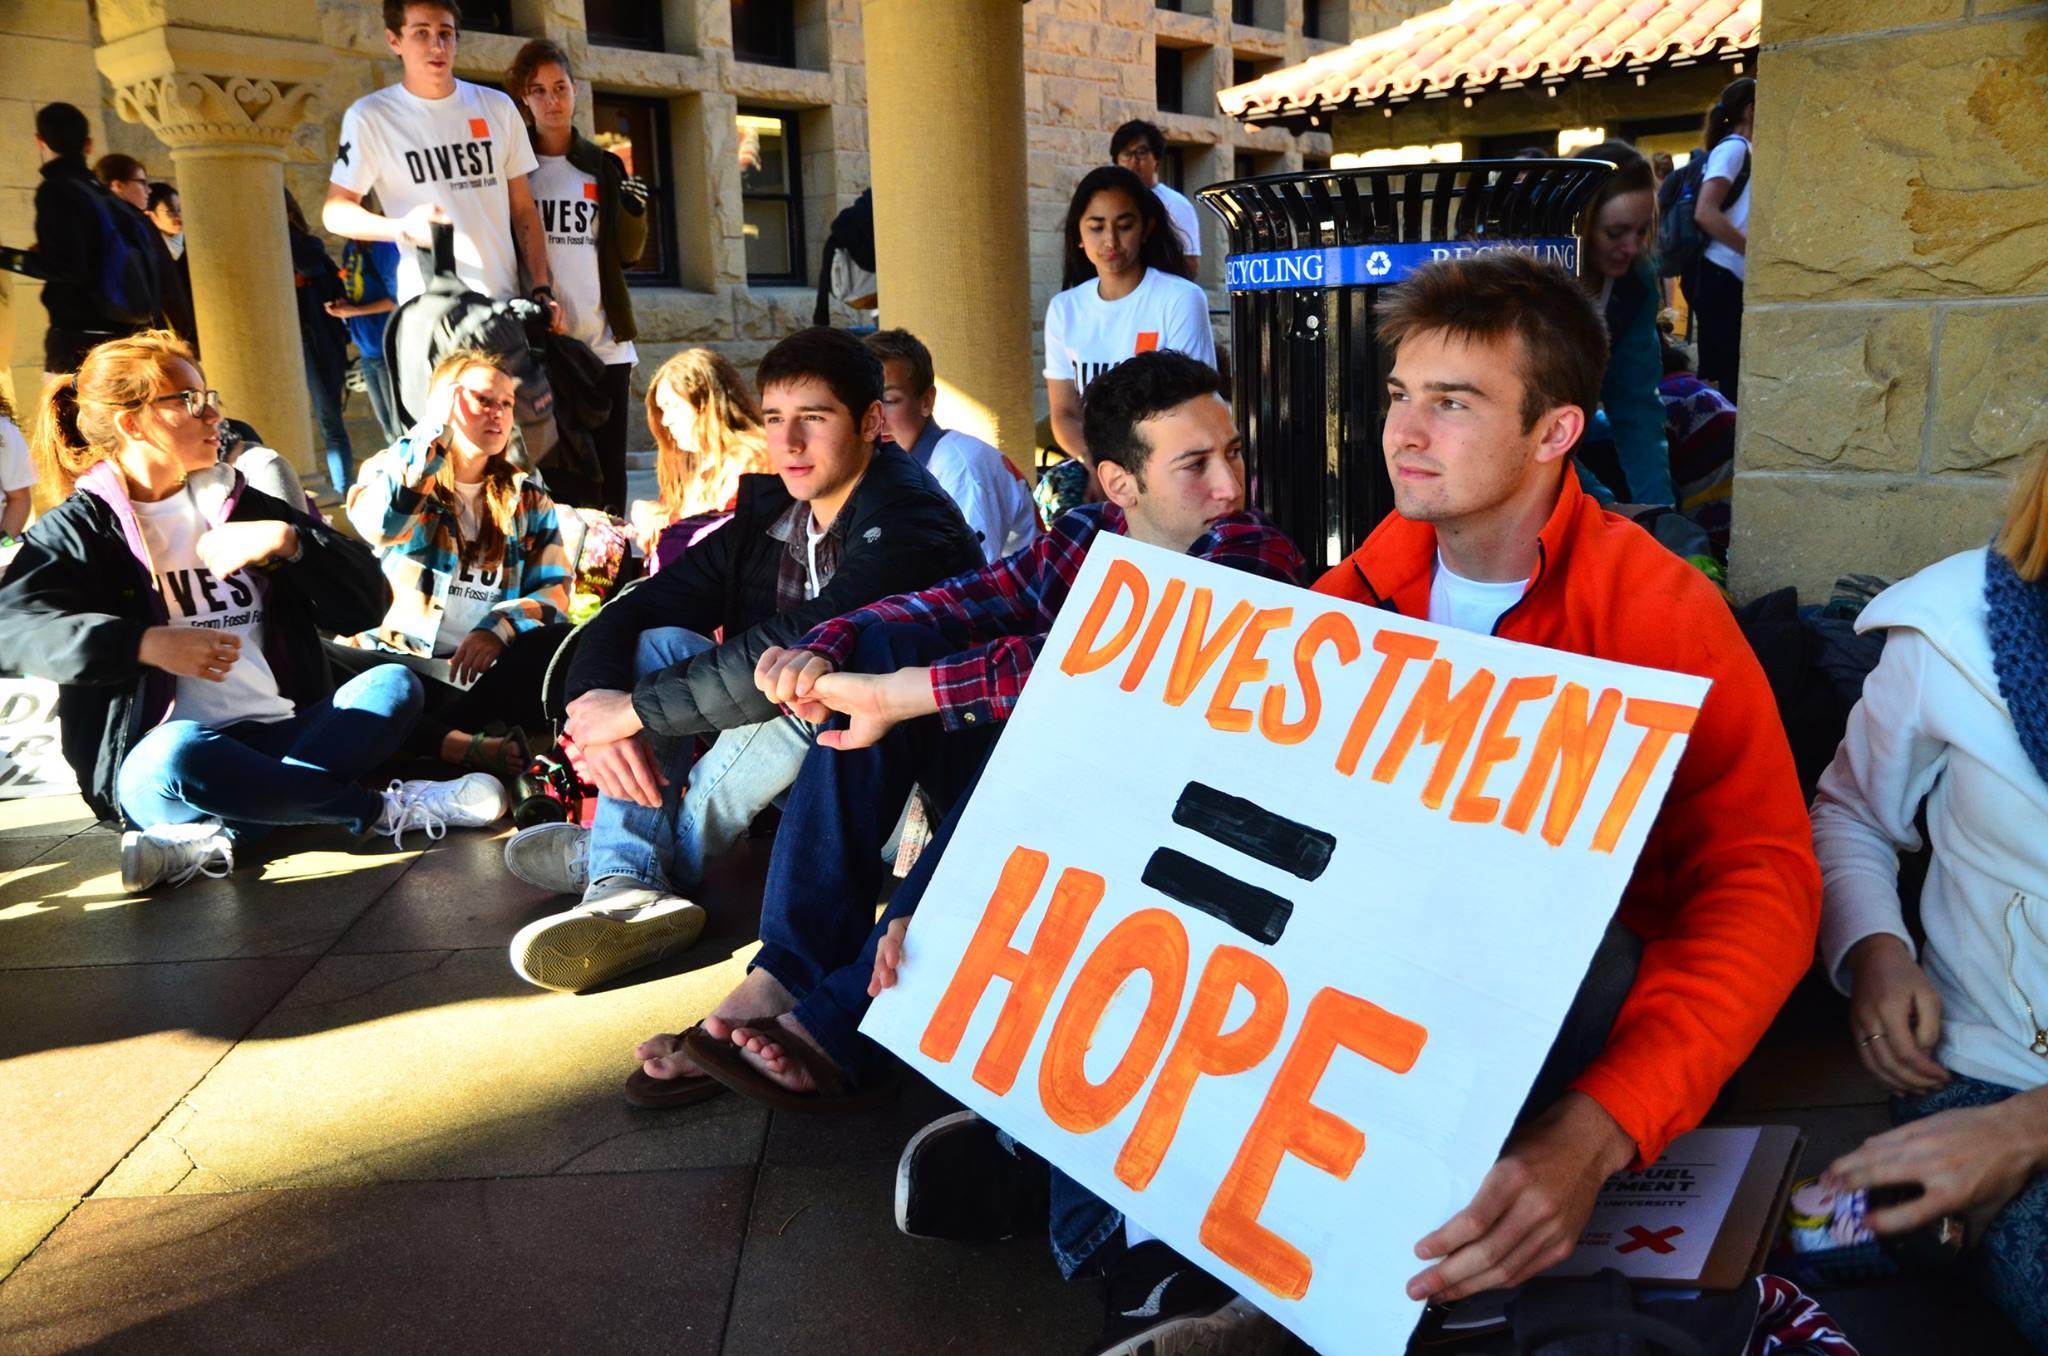 史丹佛無石油組織在學校辦公大樓旁靜坐抗議。圖/無石油組織粉絲專業提供